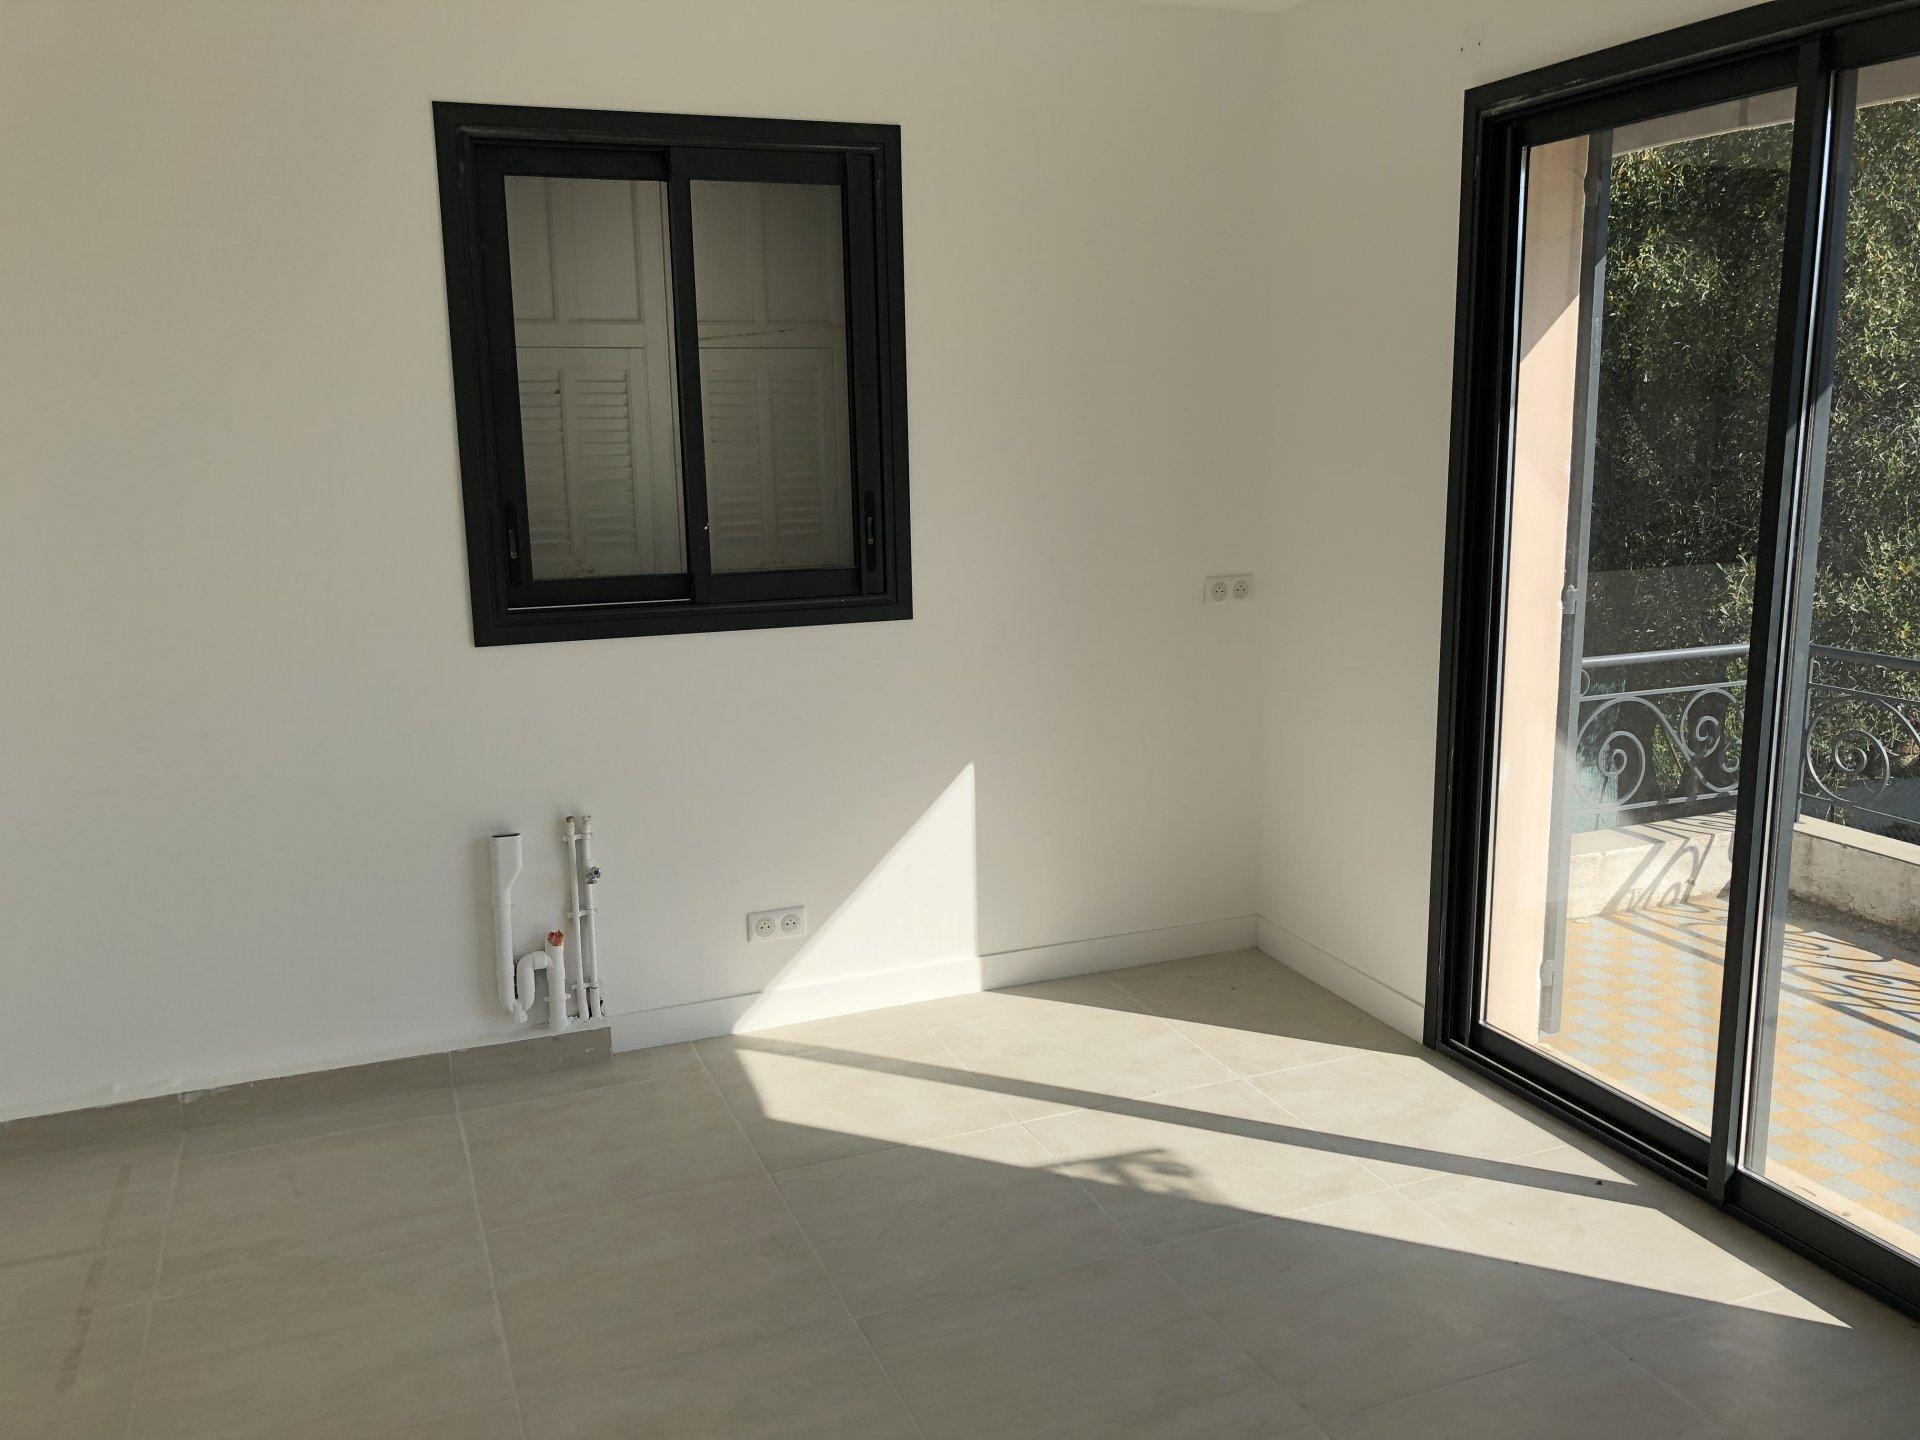 Verkauf Haus - Cagnes-sur-Mer